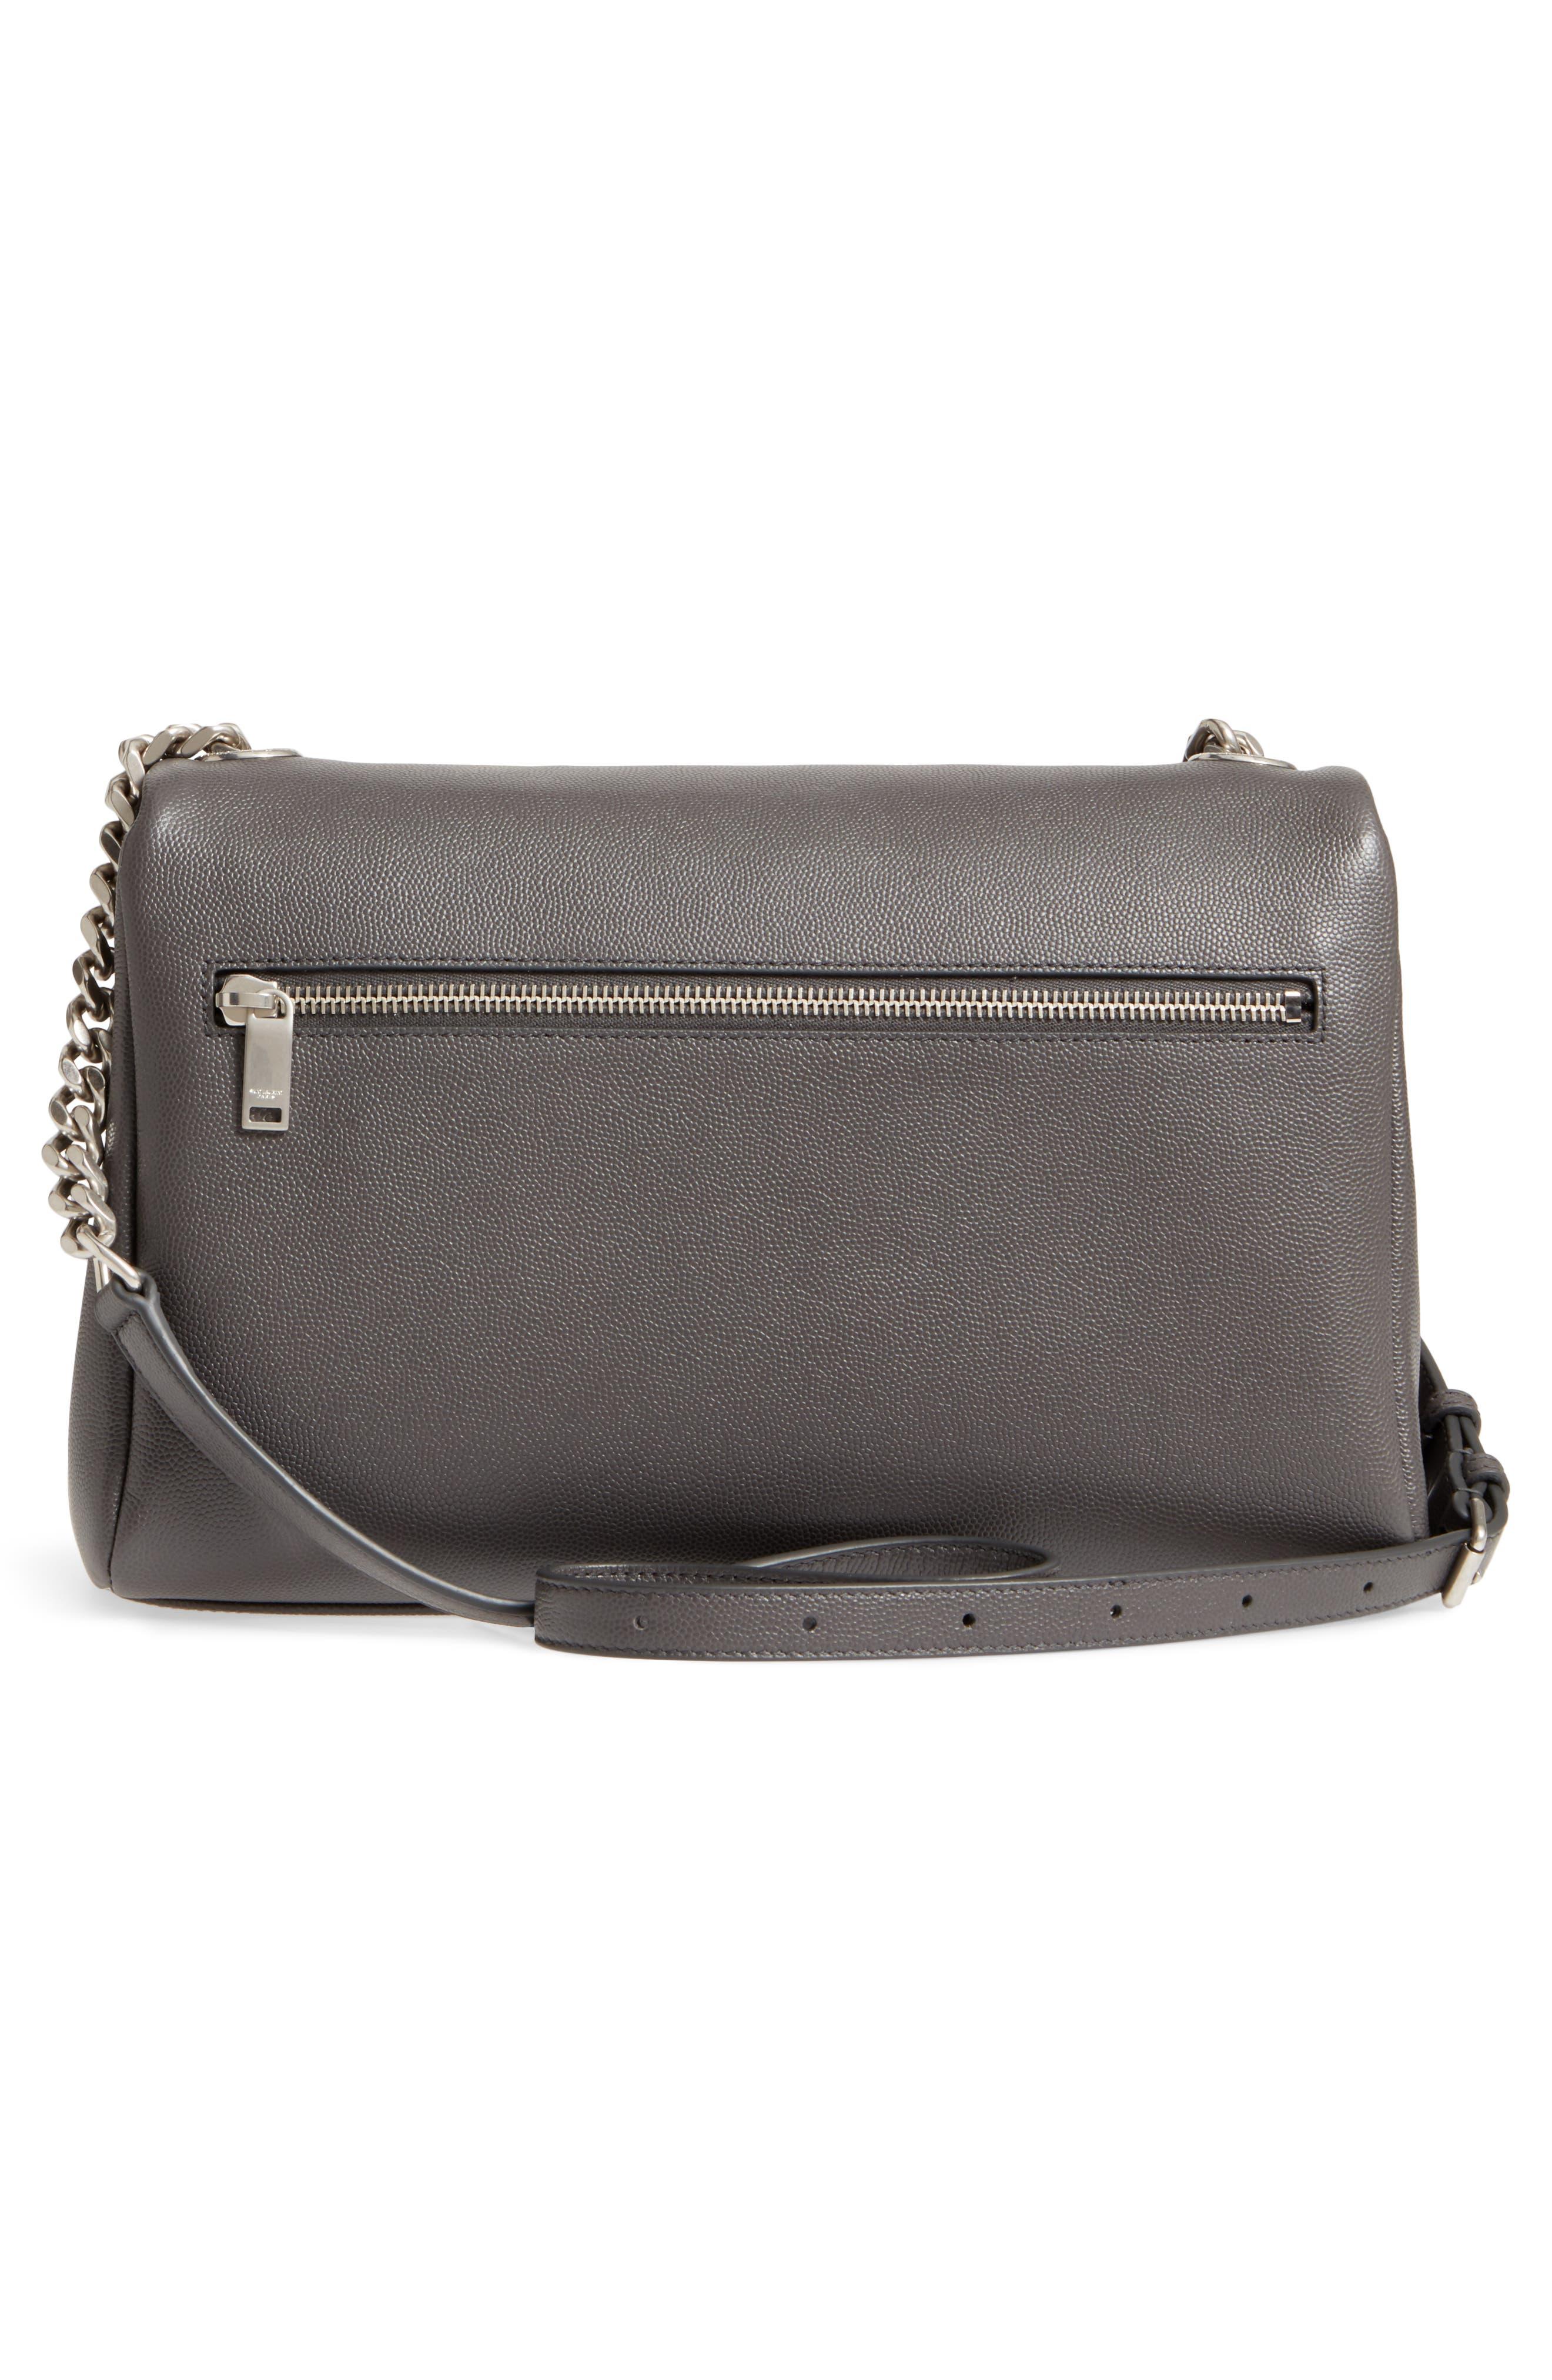 Medium West Hollywood Leather Shoulder Bag,                             Alternate thumbnail 3, color,                             064